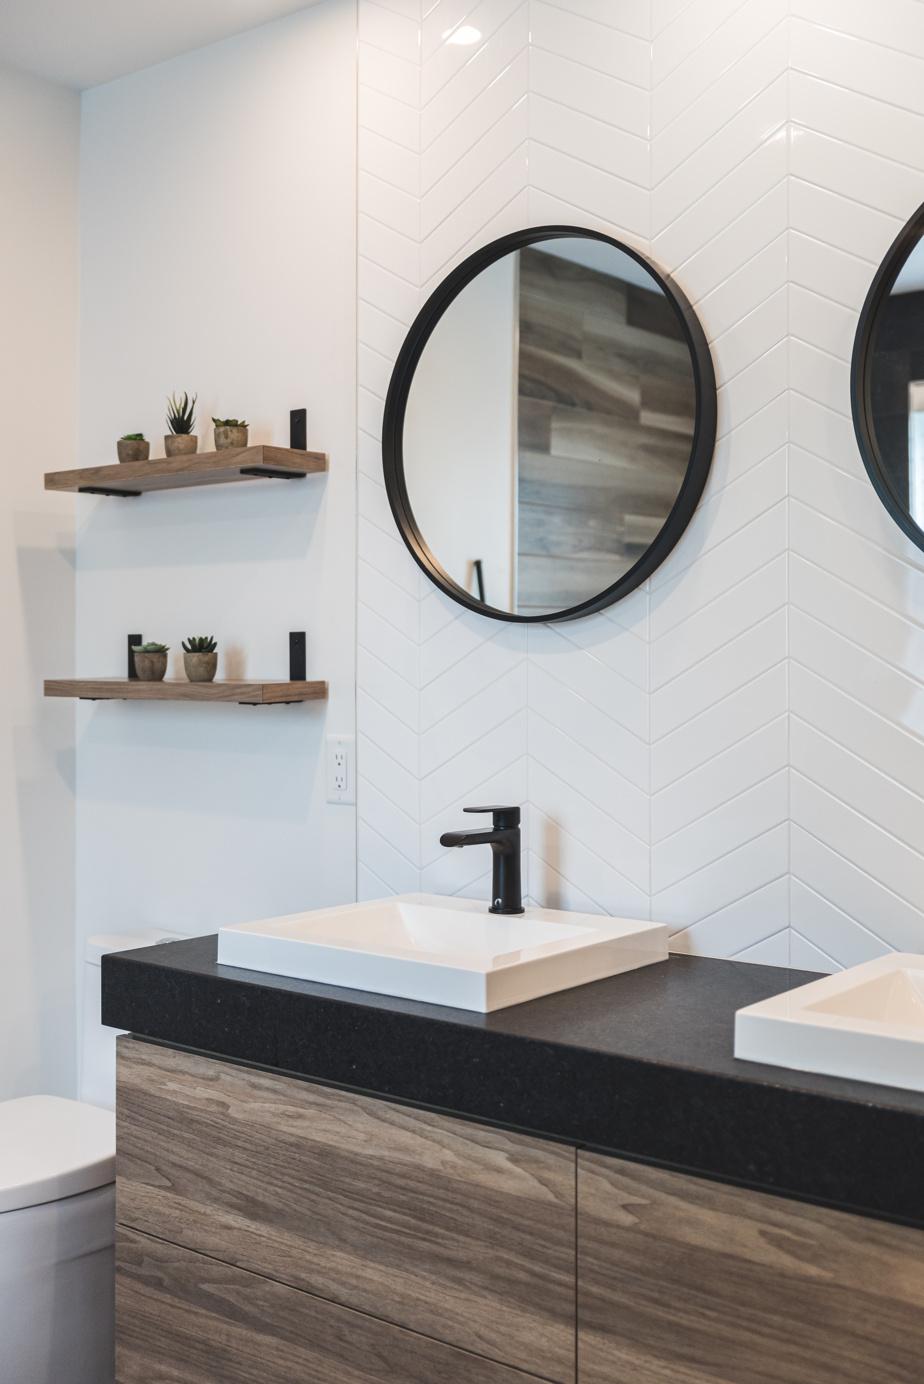 Fidèle à son habitude, Claudia Bérubé a privilégié des produits d'entreprises établies au Québec, que ce soient les robinets au fini noir mat (H2flo), les lavabos et la toilette (Neptune), ainsi que la mélamine (Tafisa) et le comptoir du meuble-lavabo en granit Noir Cambrian (Polycor).